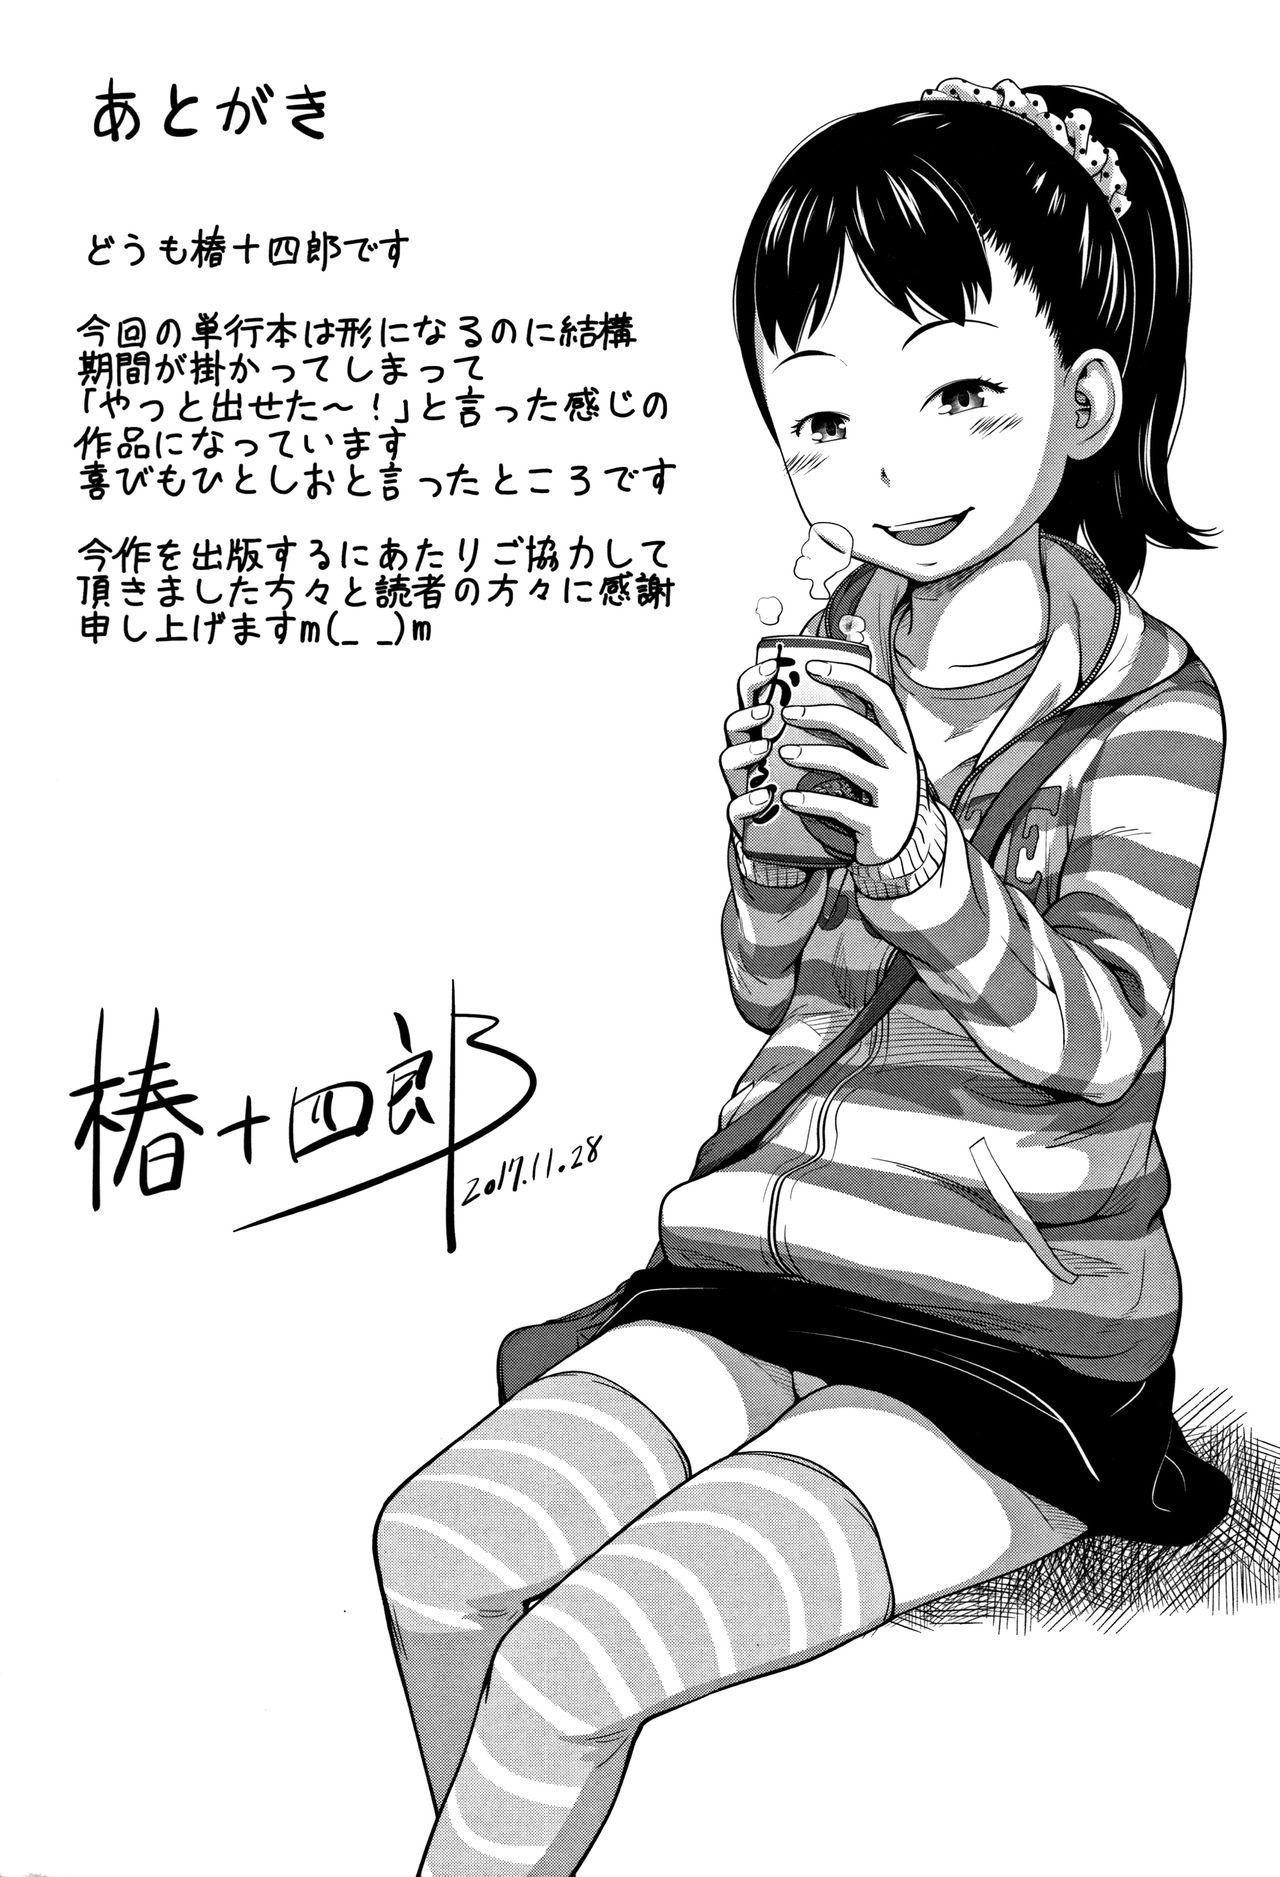 Kawaii Imouto to Ikenai Koto Shiteimasu! 195